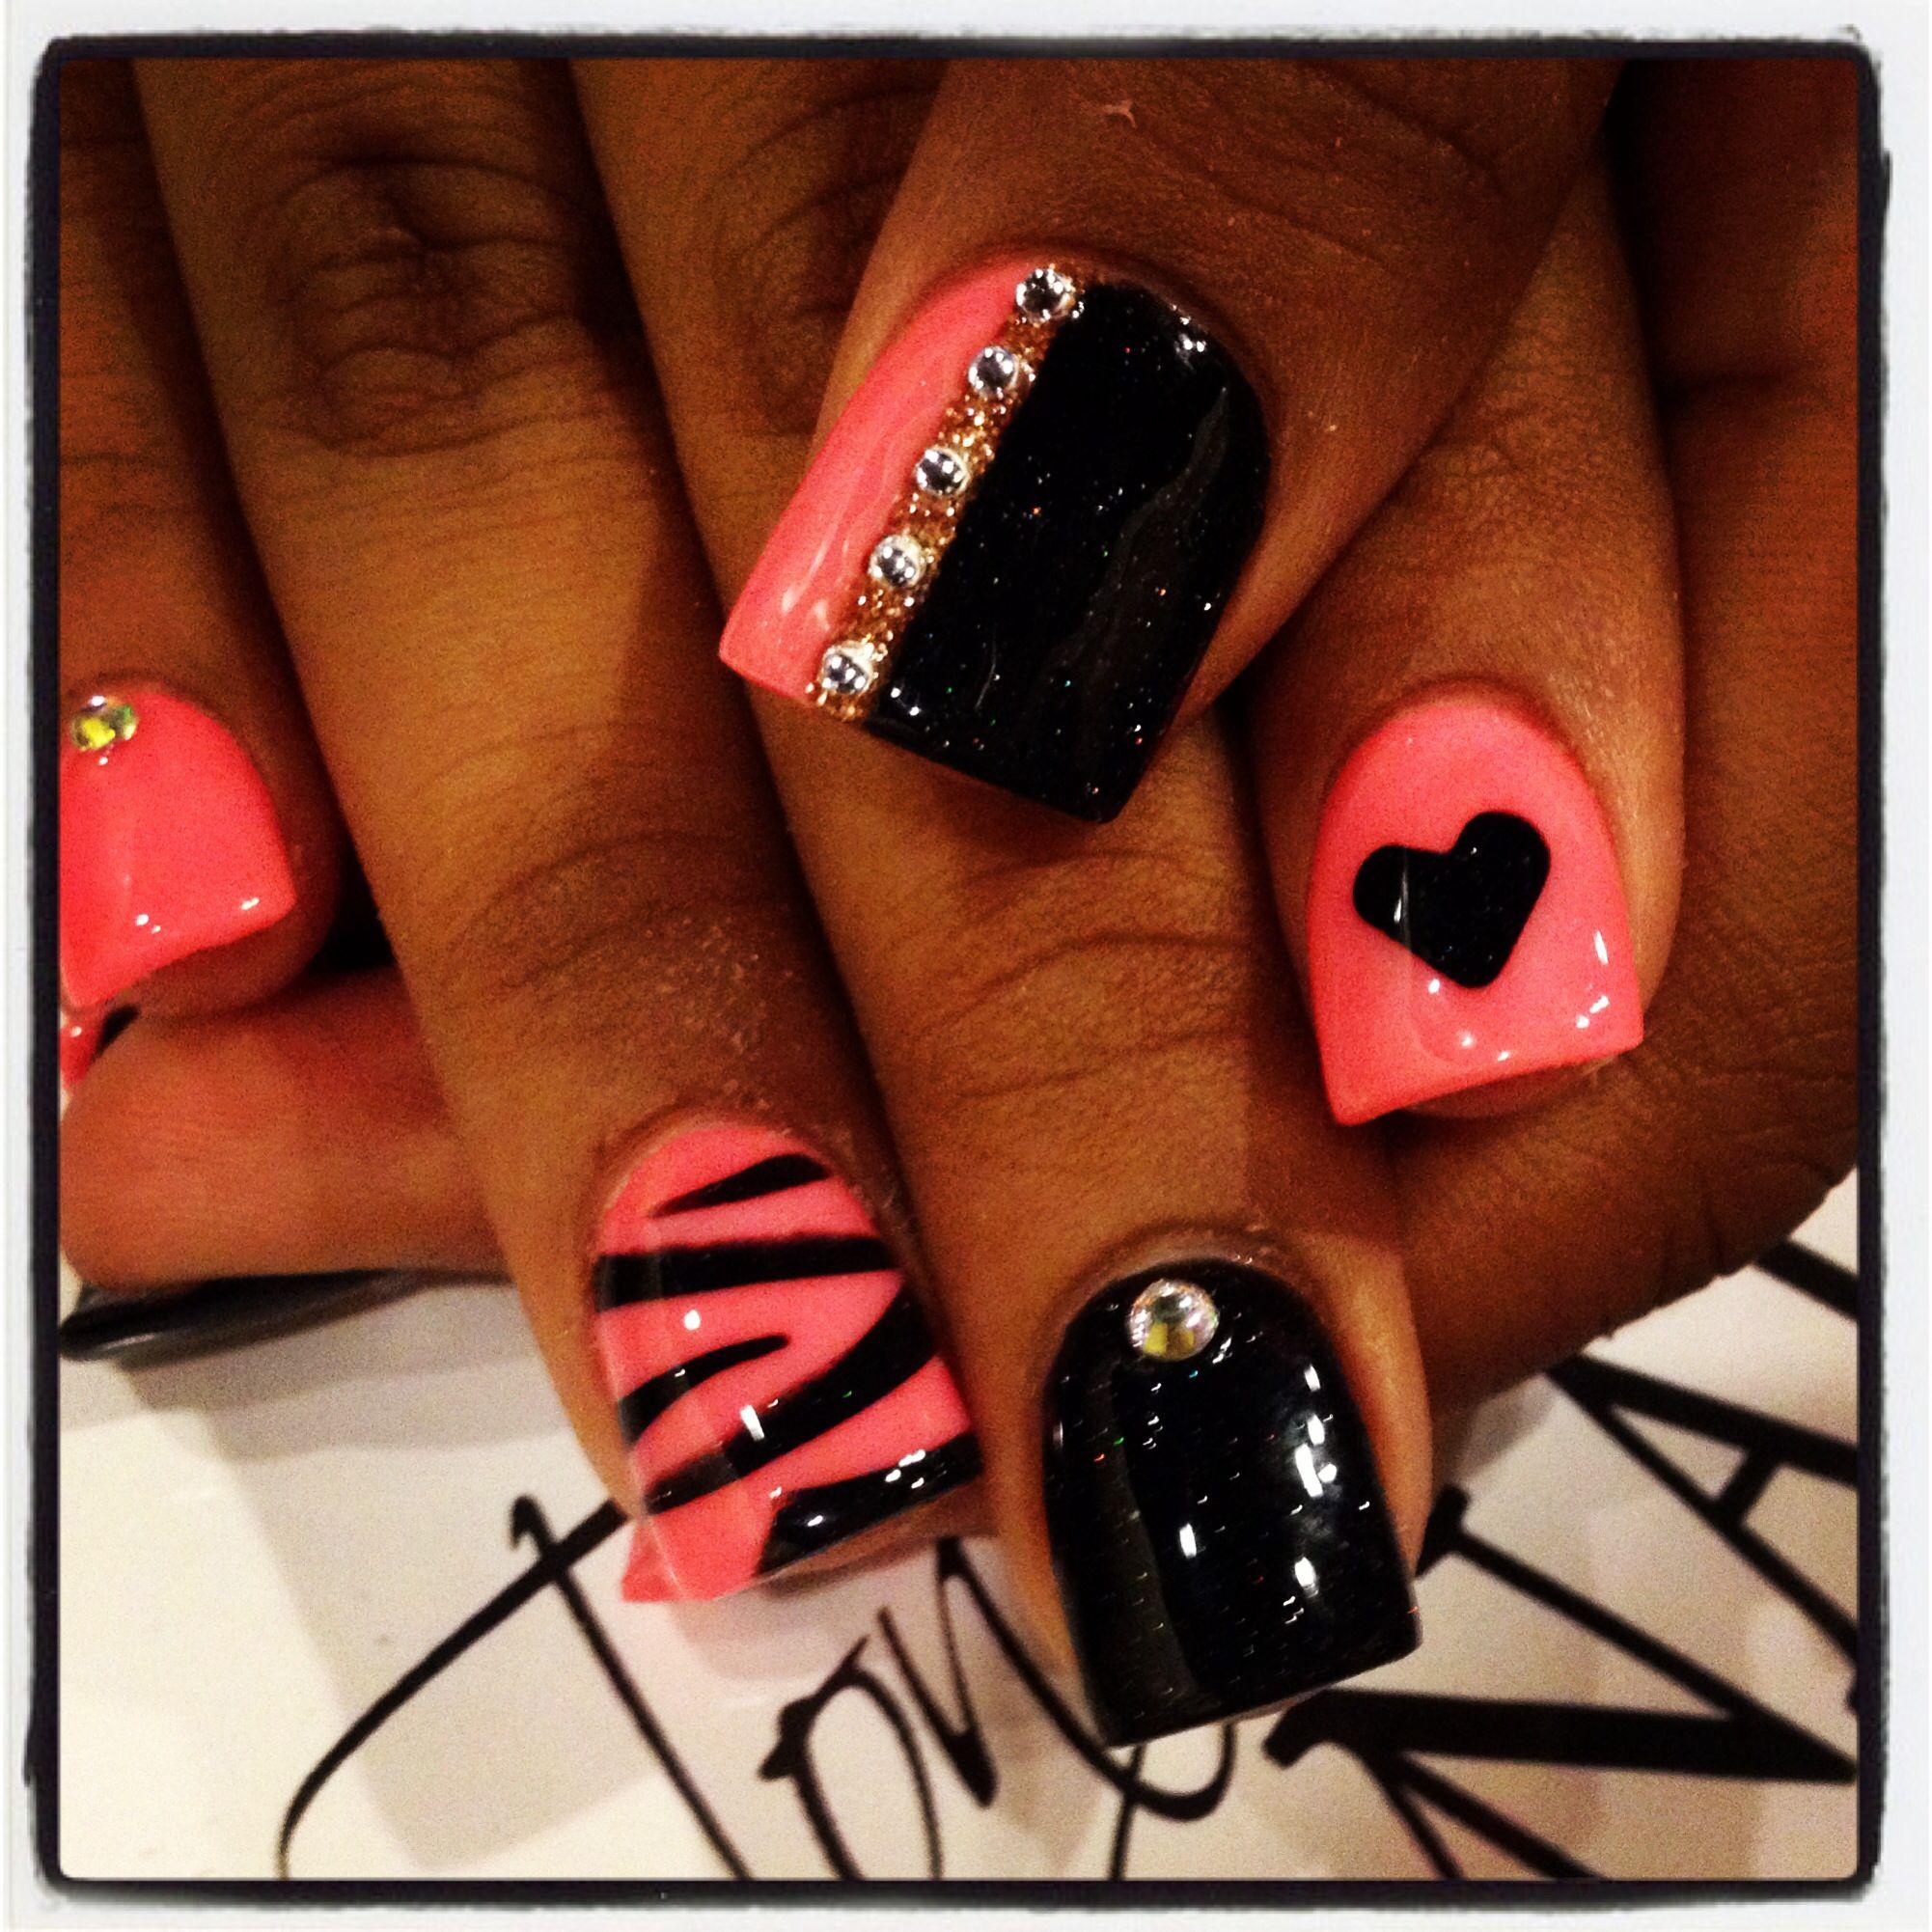 Tonys-nails.com